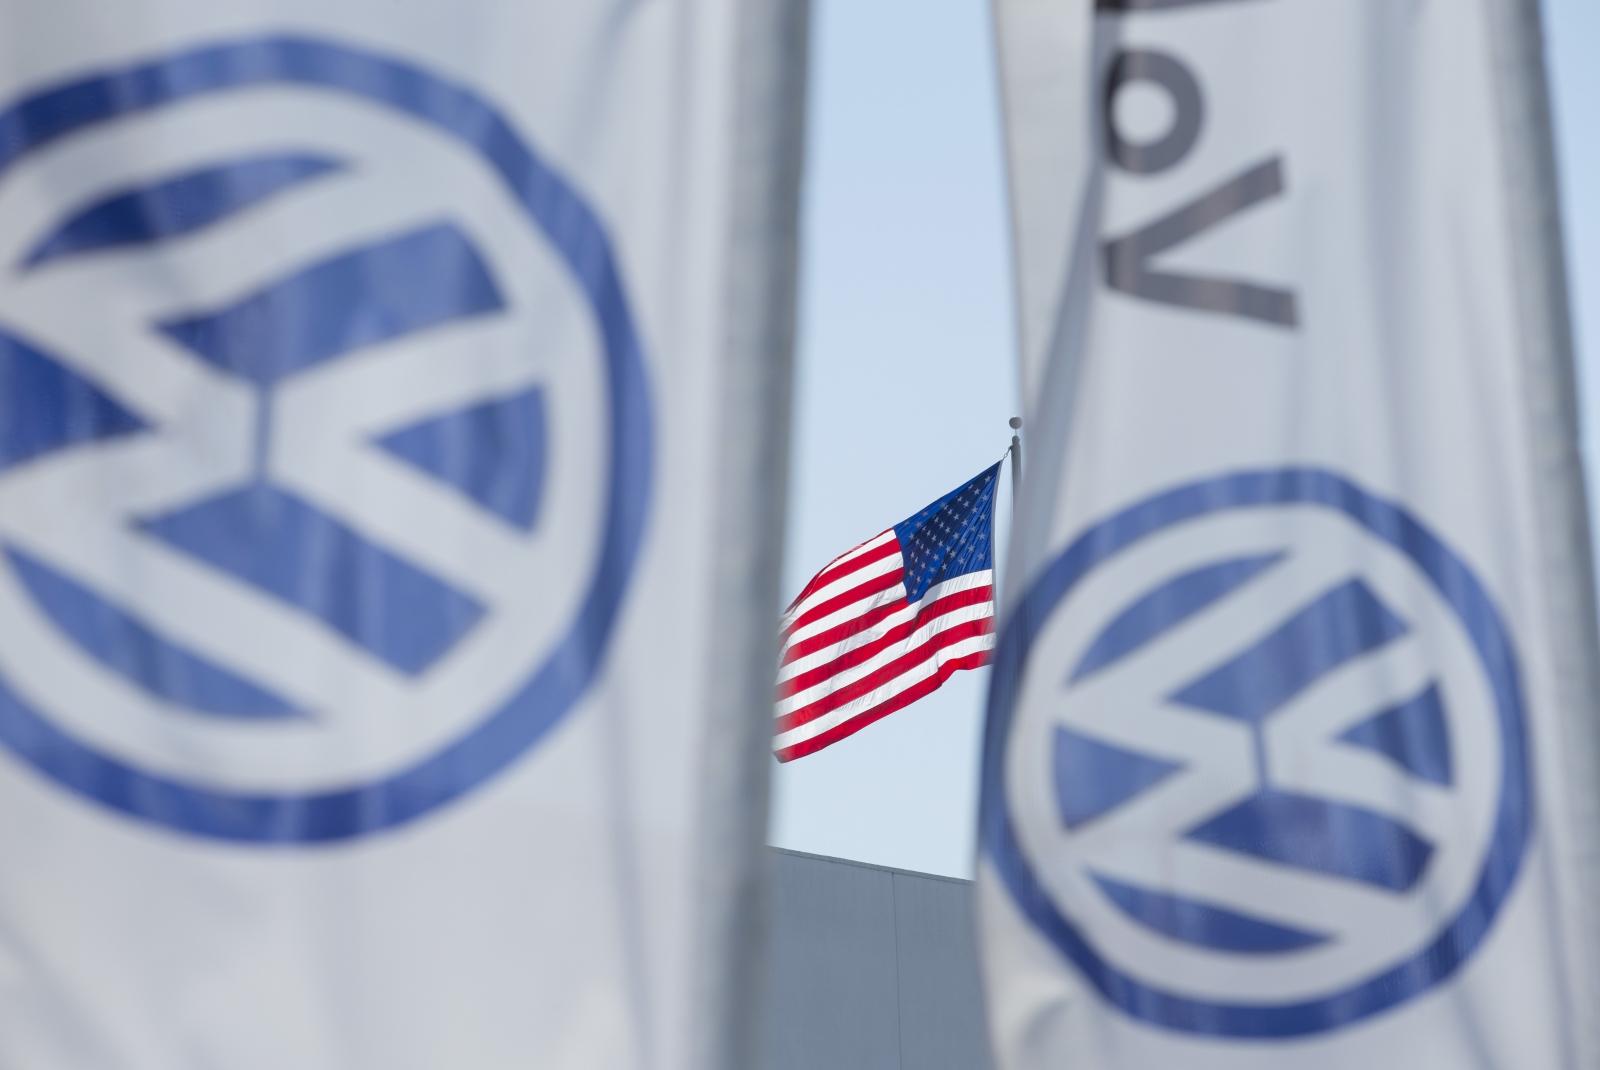 volkswagen emissions scandal USA 2016